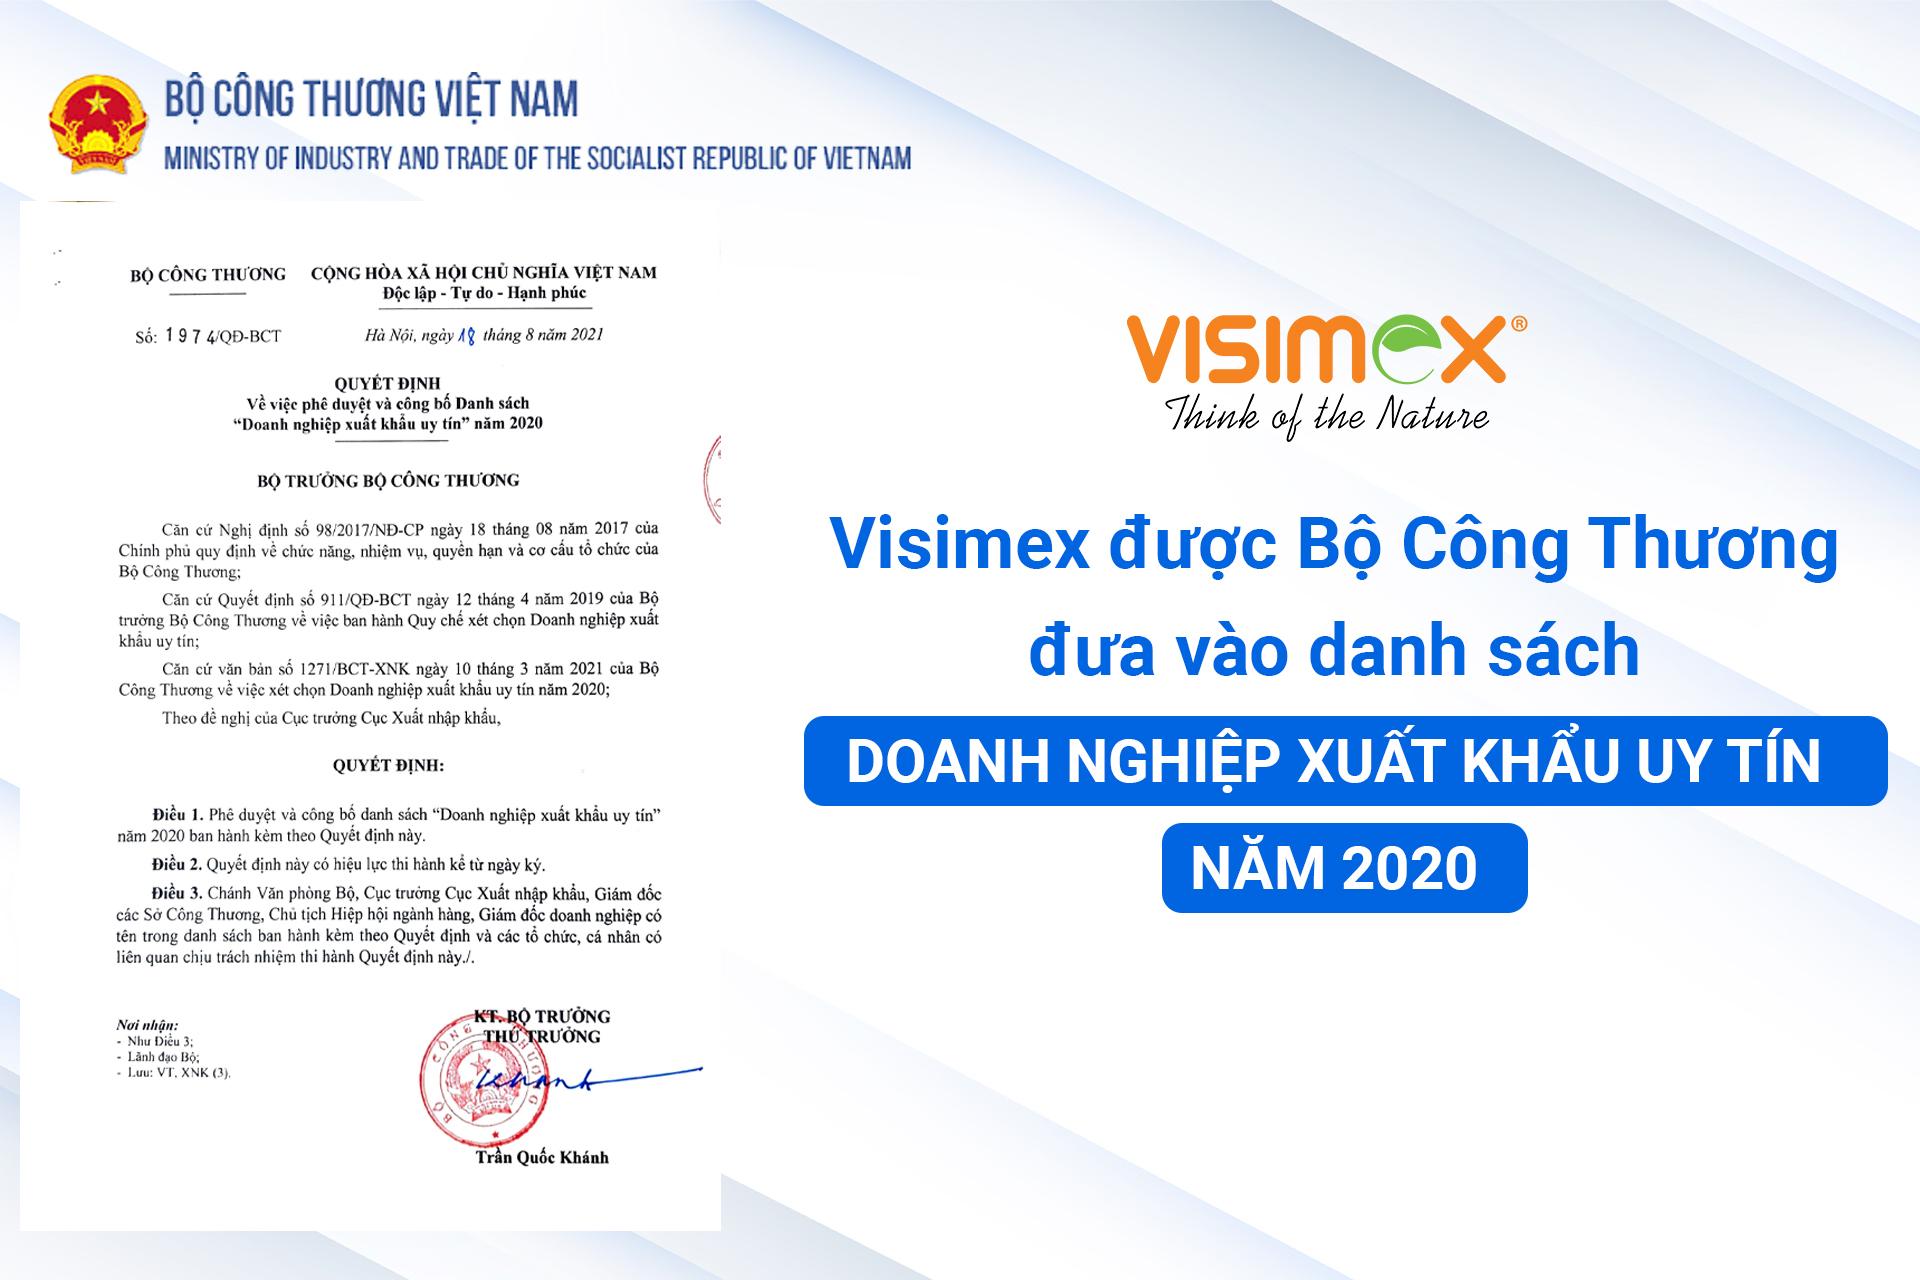 Visimex được Bộ Công Thương đưa vào danh sách Doanh nghiệp xuất khẩu uy tín năm 2020